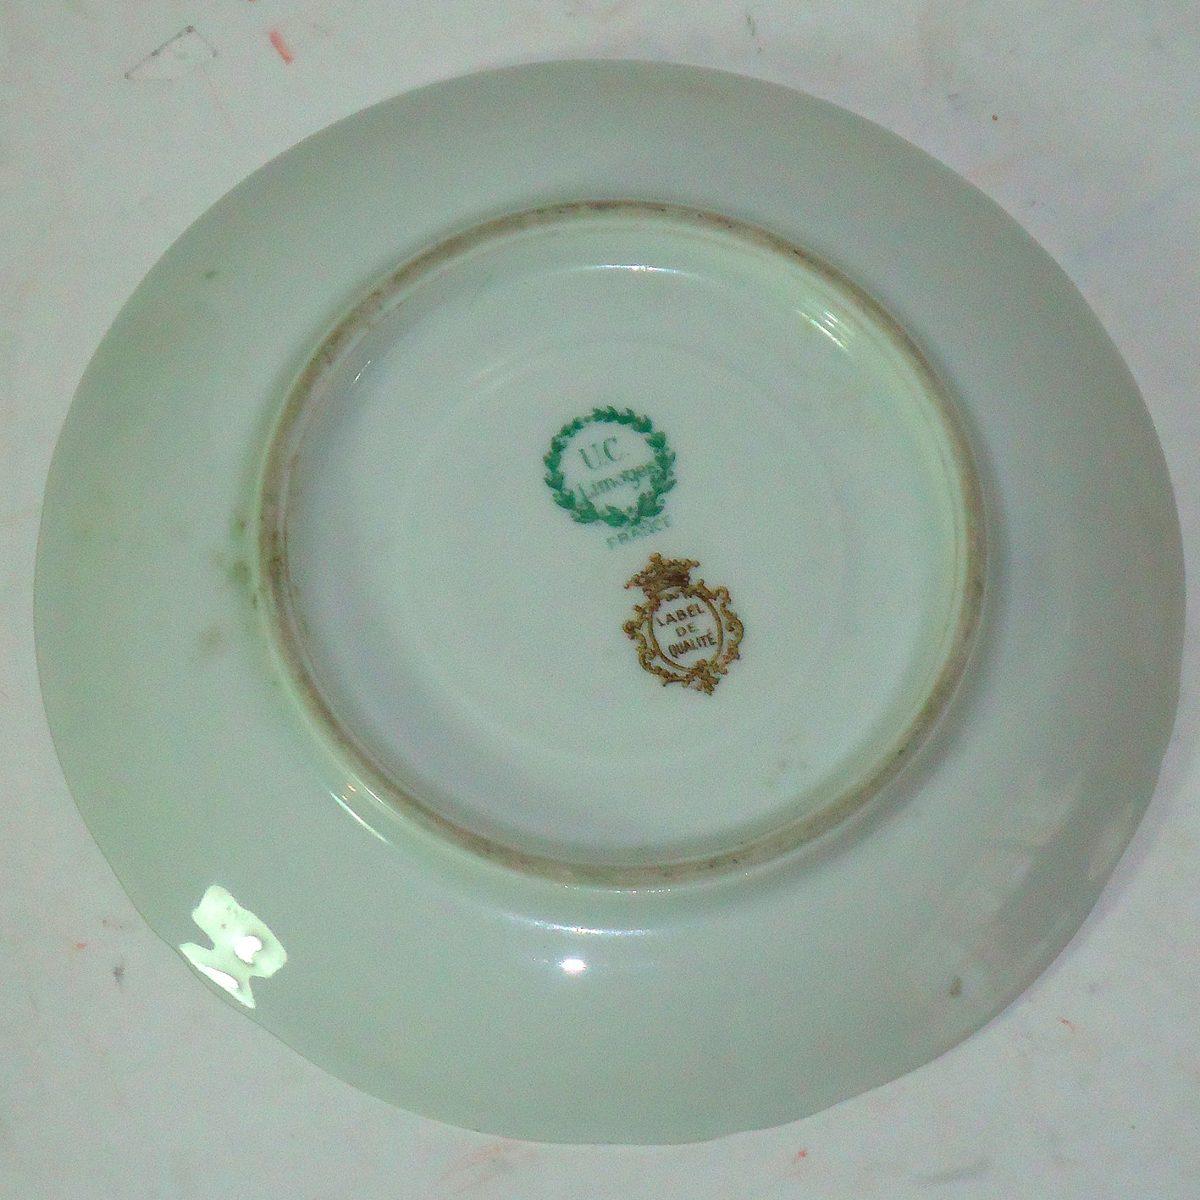 Platos porcelana fina retro limoges francia impecables 14 for Platos porcelana